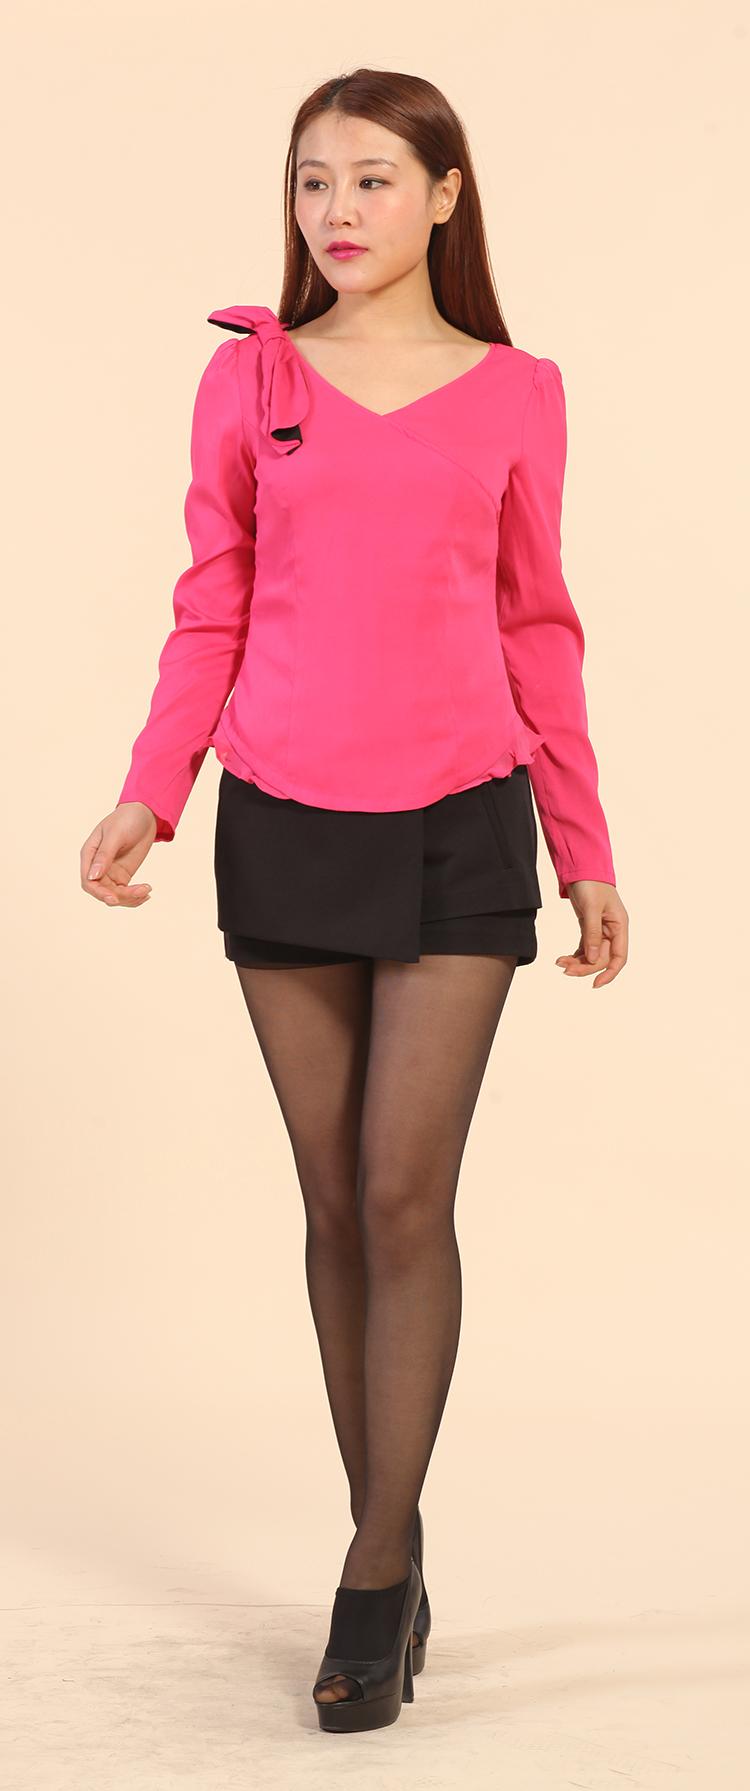 格蕾诗芙品牌女装,让你穿出个性展现自我,诚邀加盟